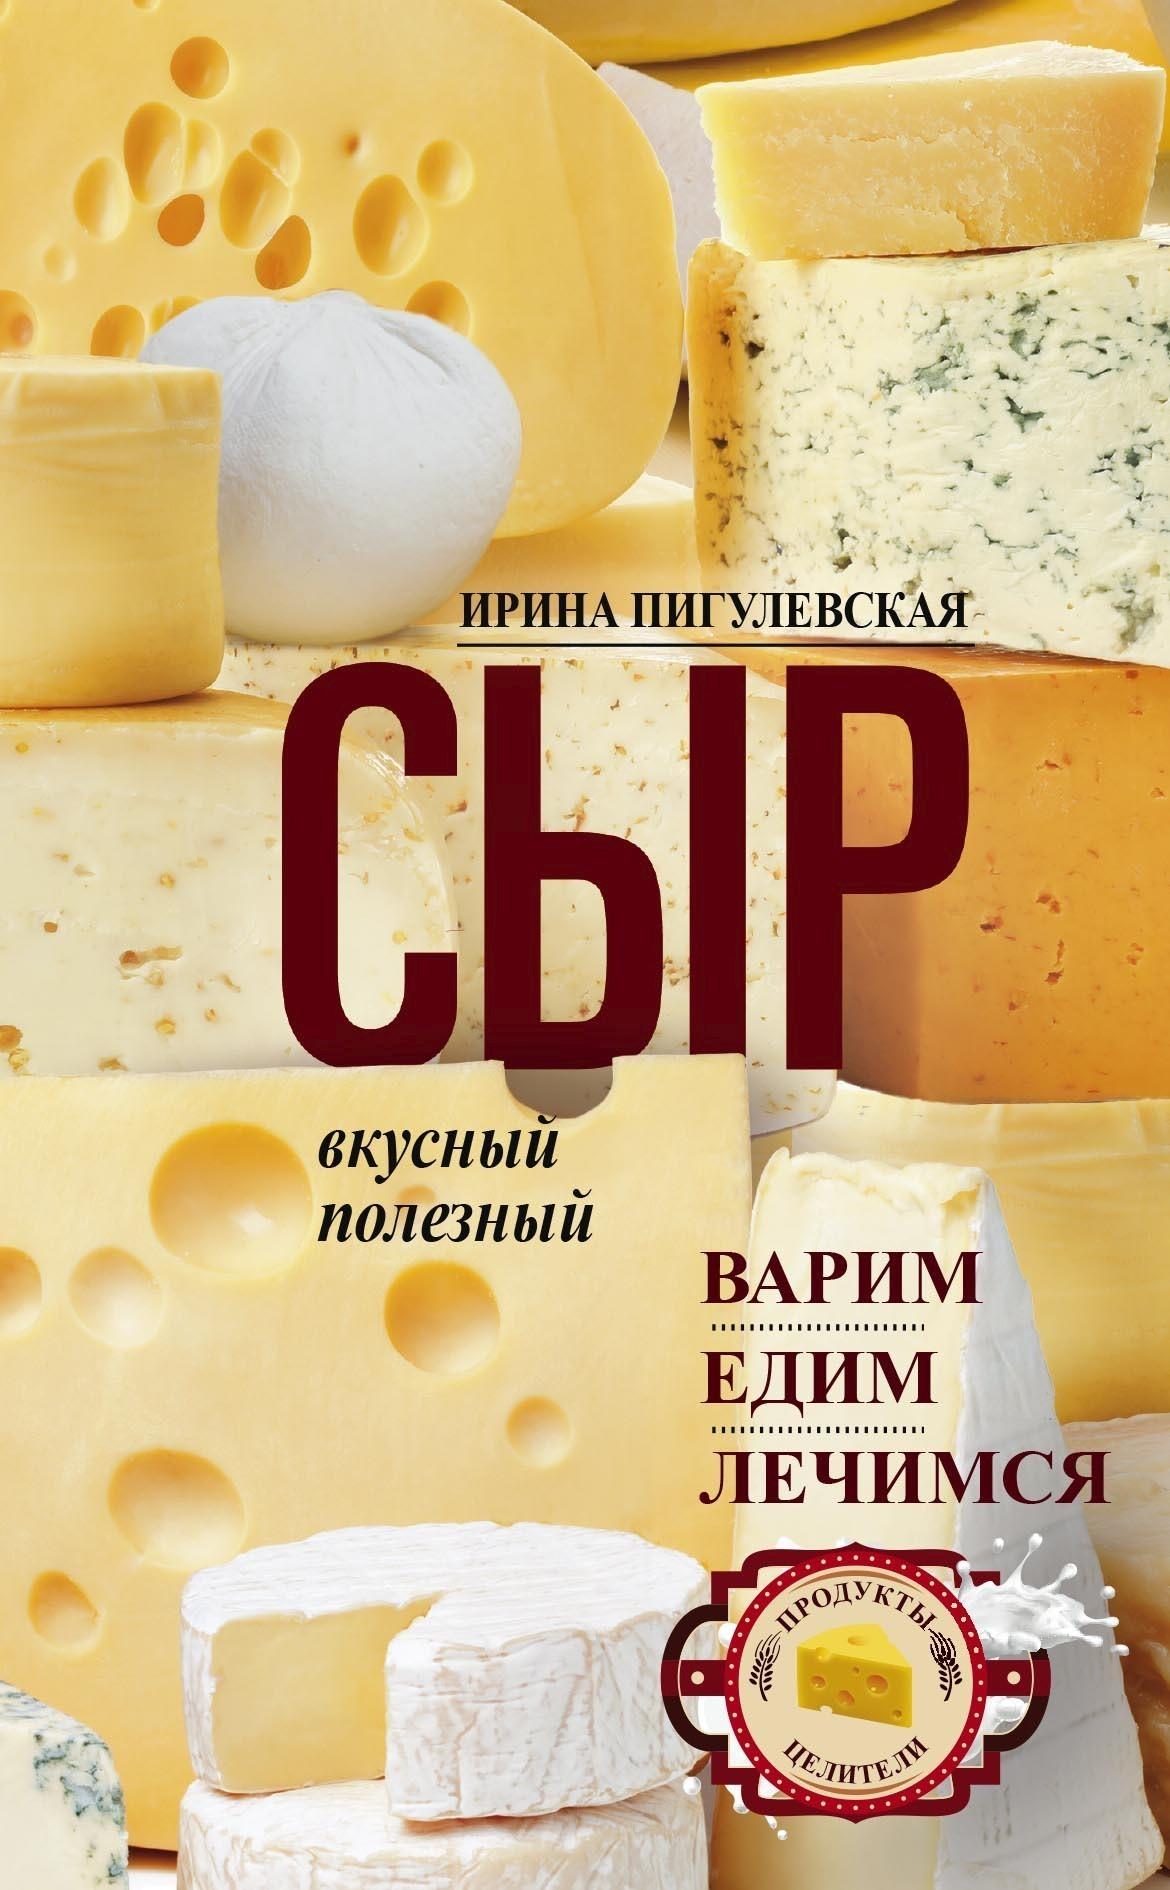 Ирина Пигулевская - Сыр вкусный, целебный. Варим, едим, лечимся